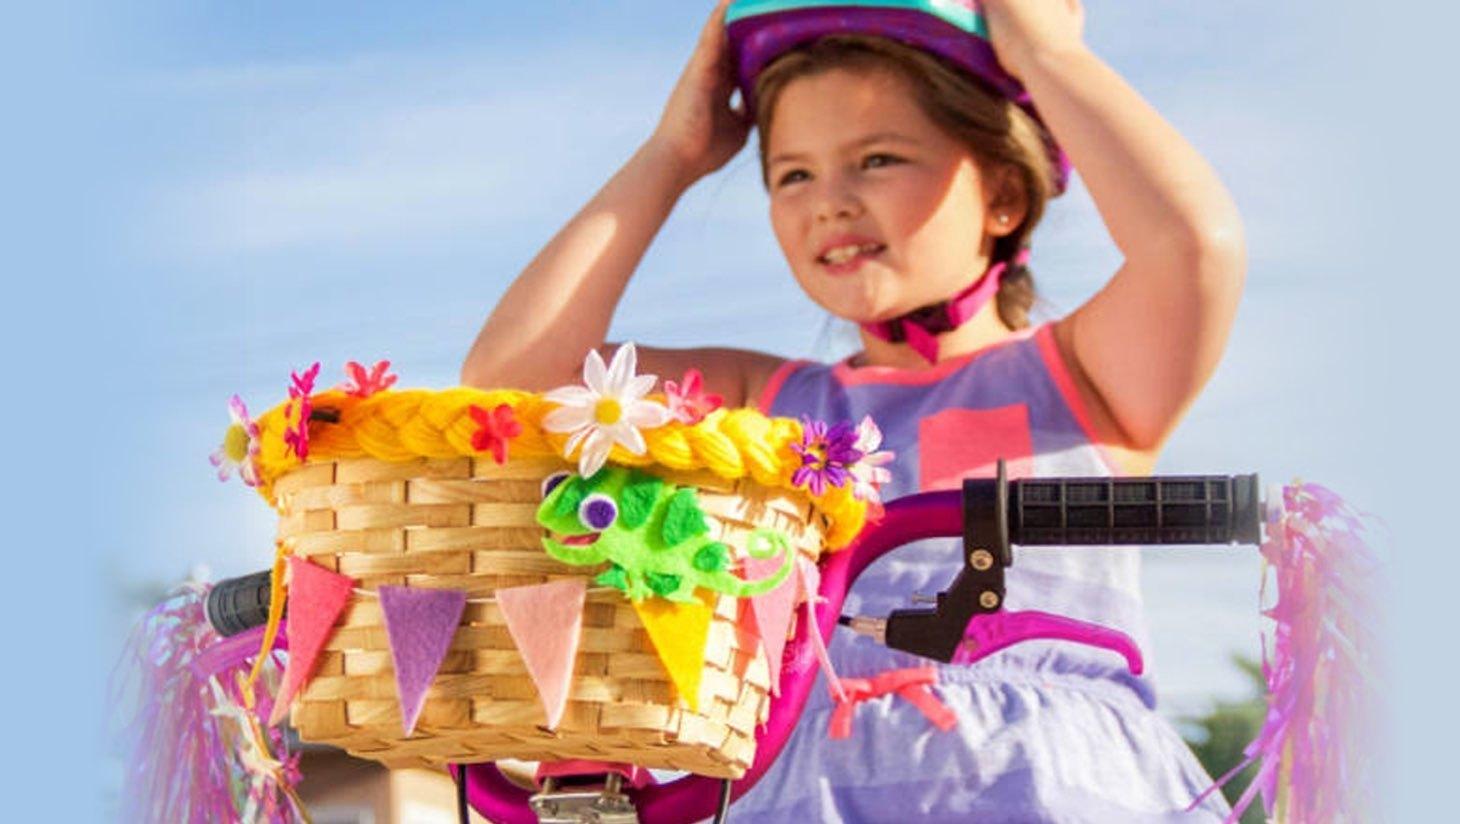 niña en una bici sujetando el casco